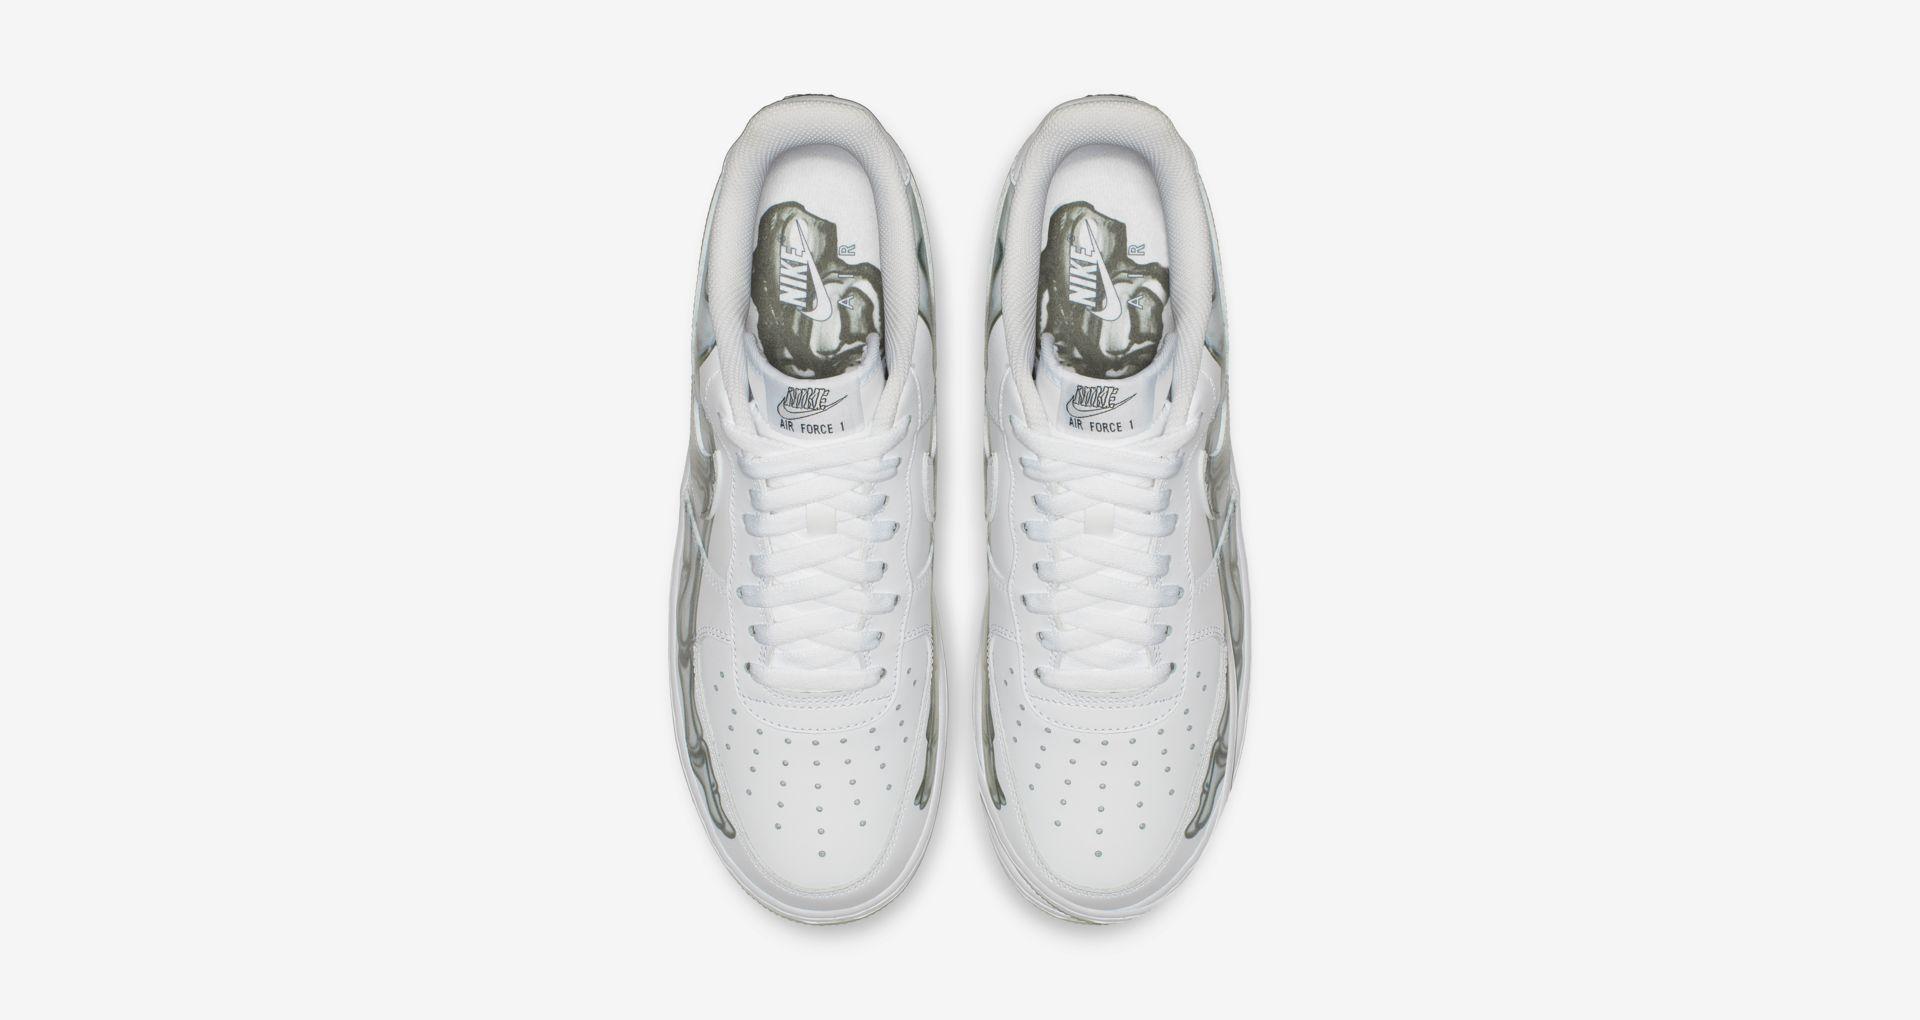 BQ7541 100 Nike Air Force 1 Skeletal Force 5